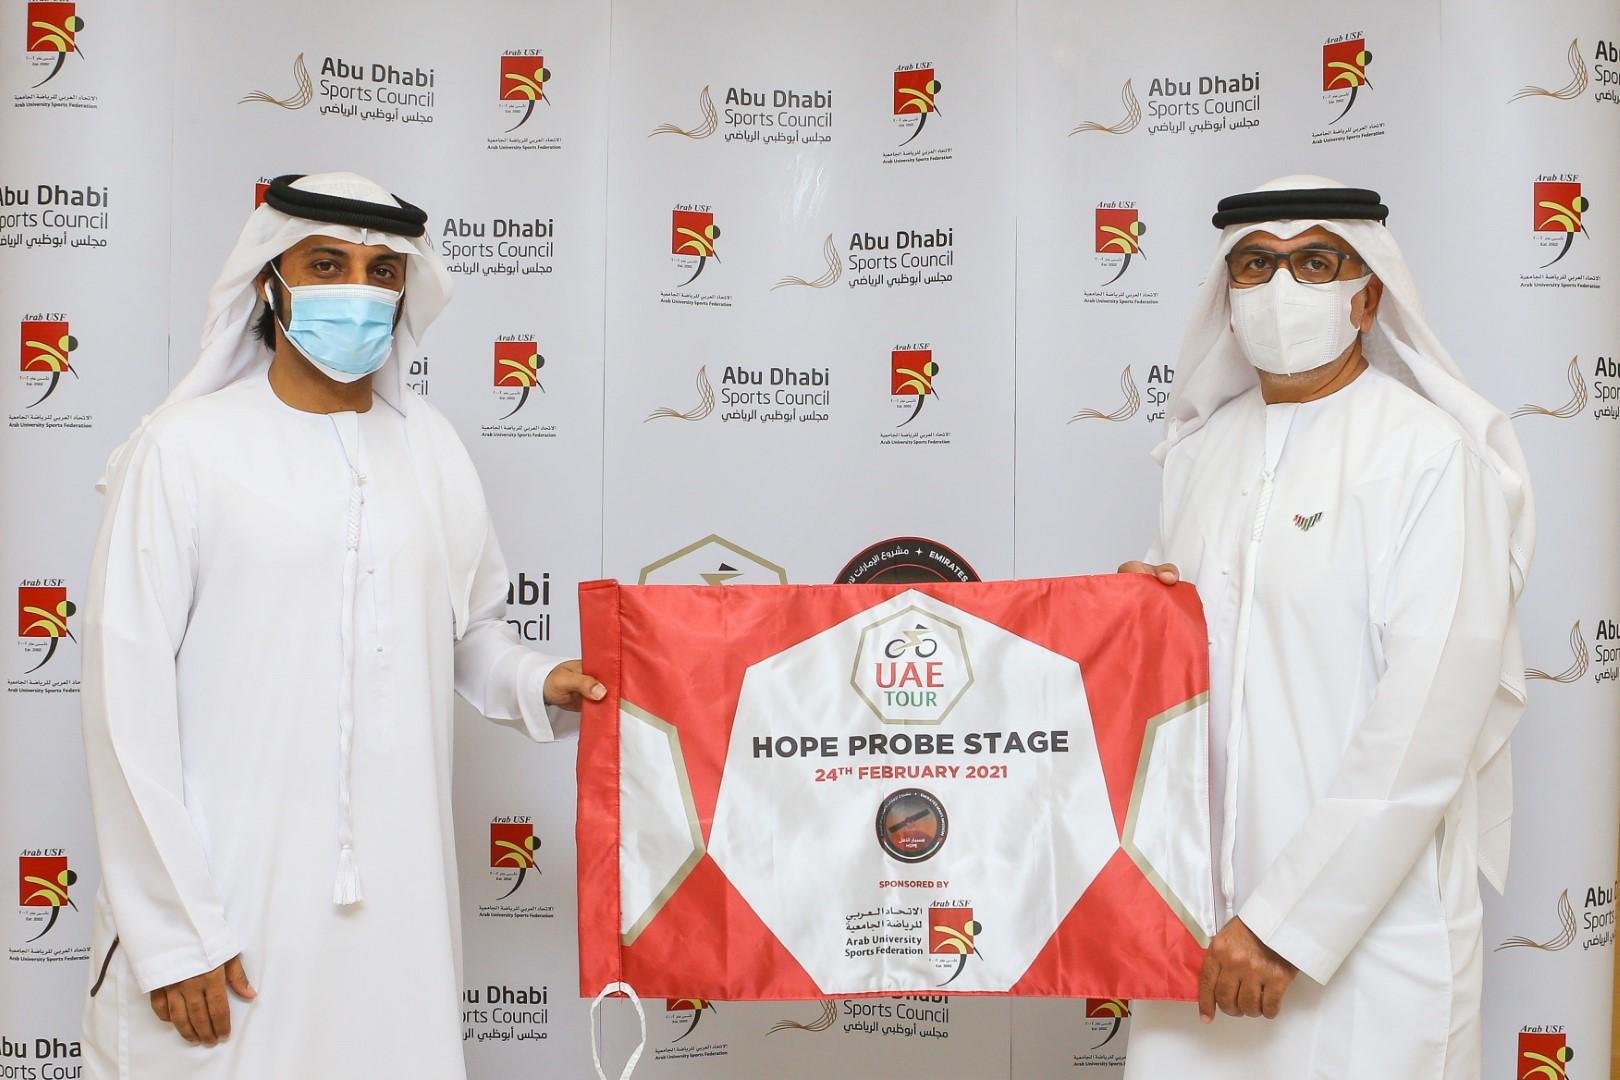 """شراكة بين """"أبوظبي الرياضي"""" و""""الاتحاد العربي"""" لرعاية جولة مسبار الأمل في طواف الإمارات"""